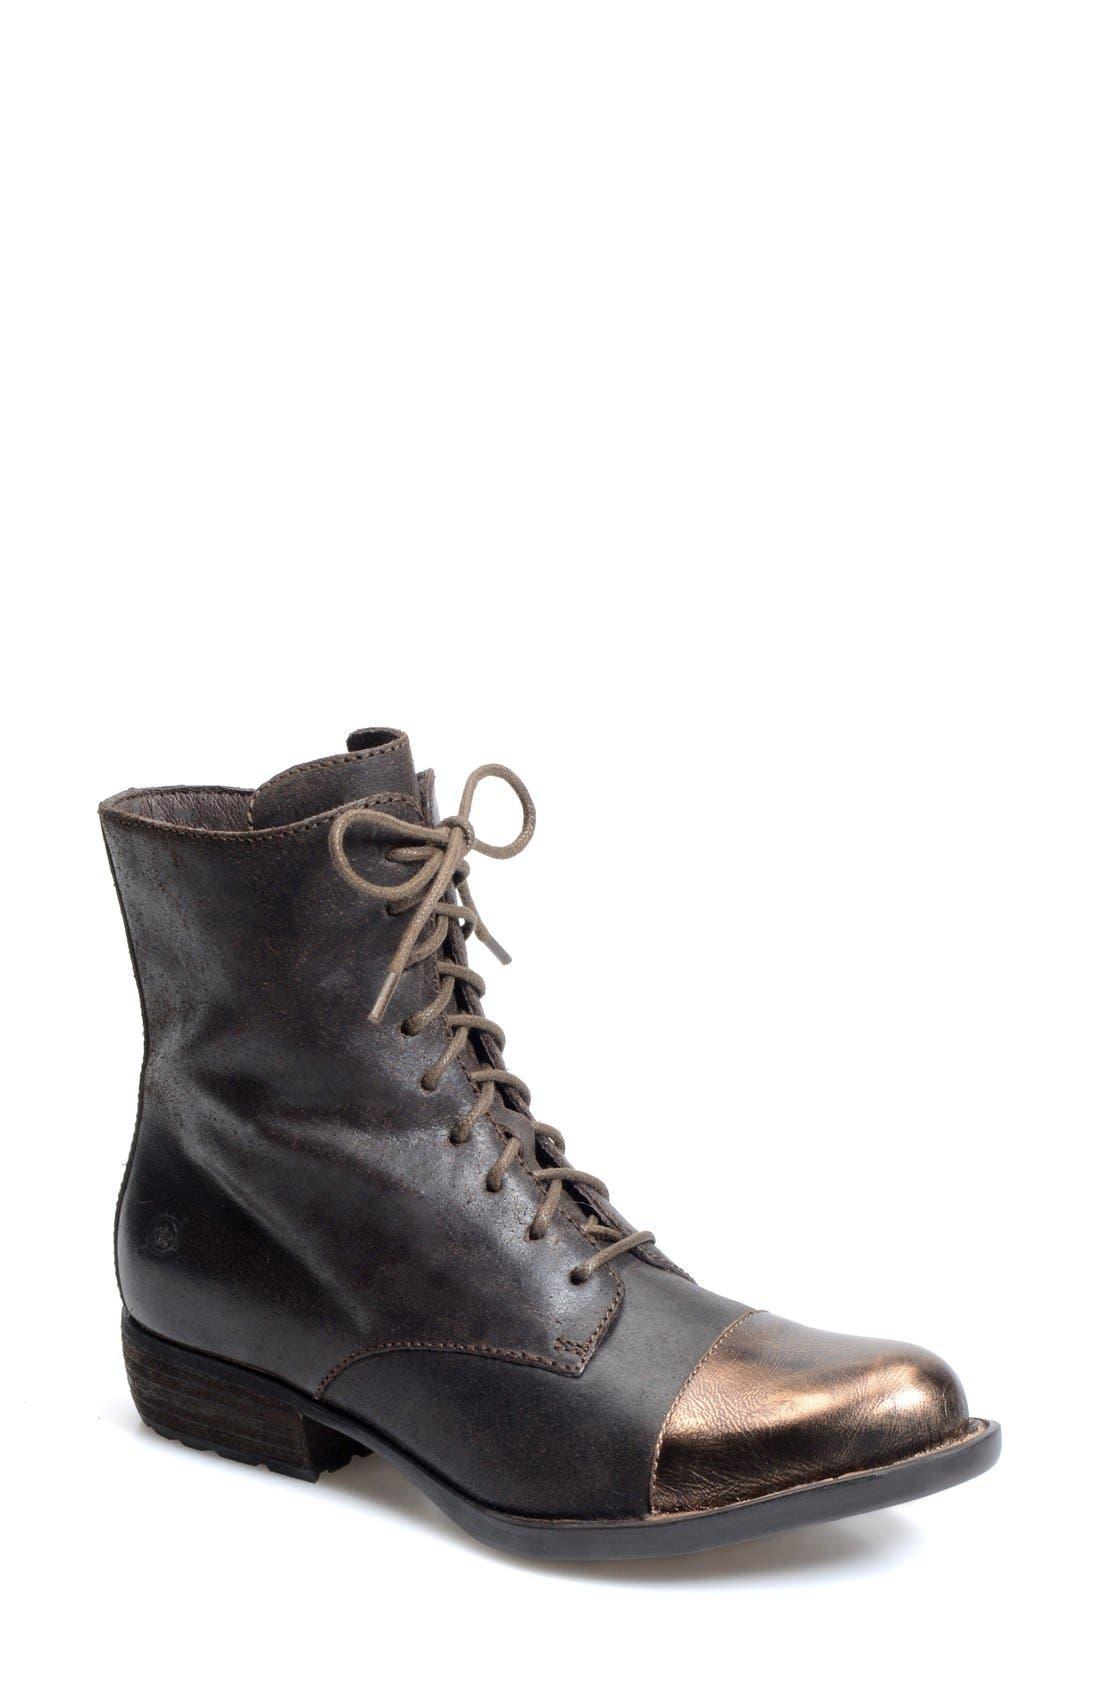 Main Image - Børn 'Lookis' Cap Toe Boot (Women)